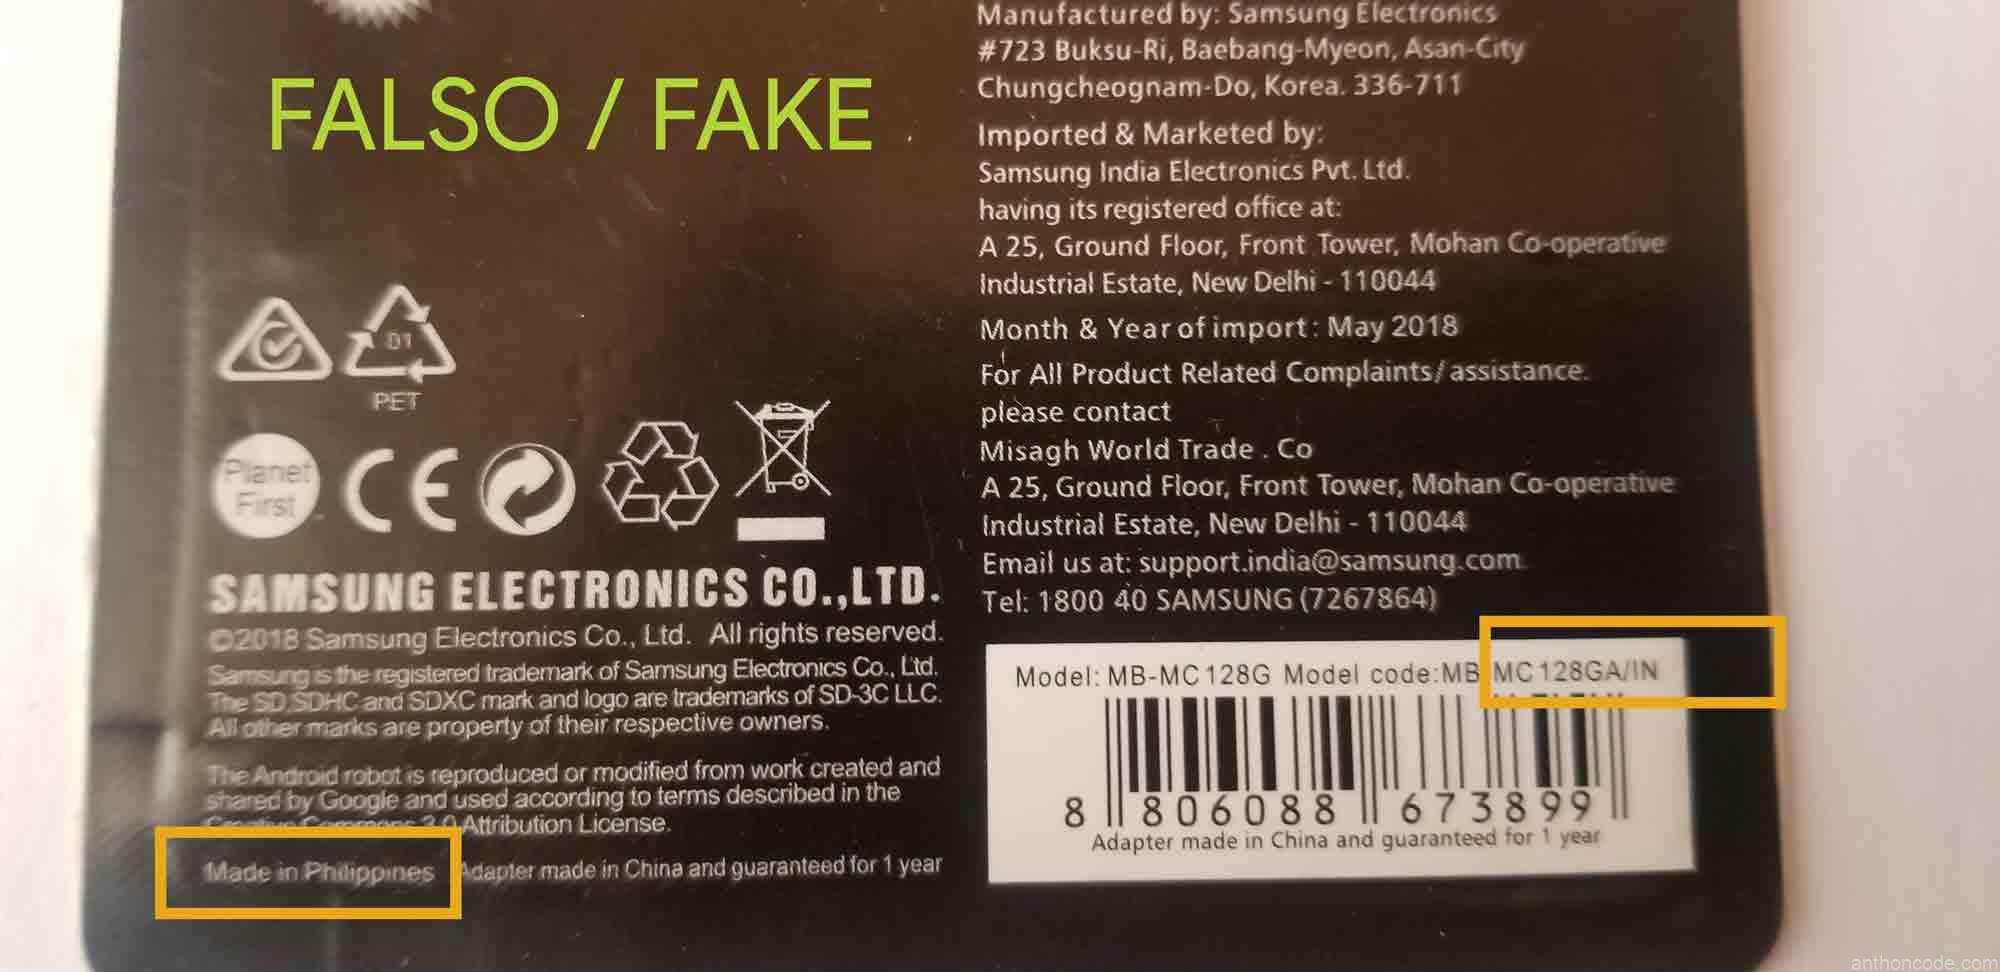 Memoria micro SD Samsung Falso